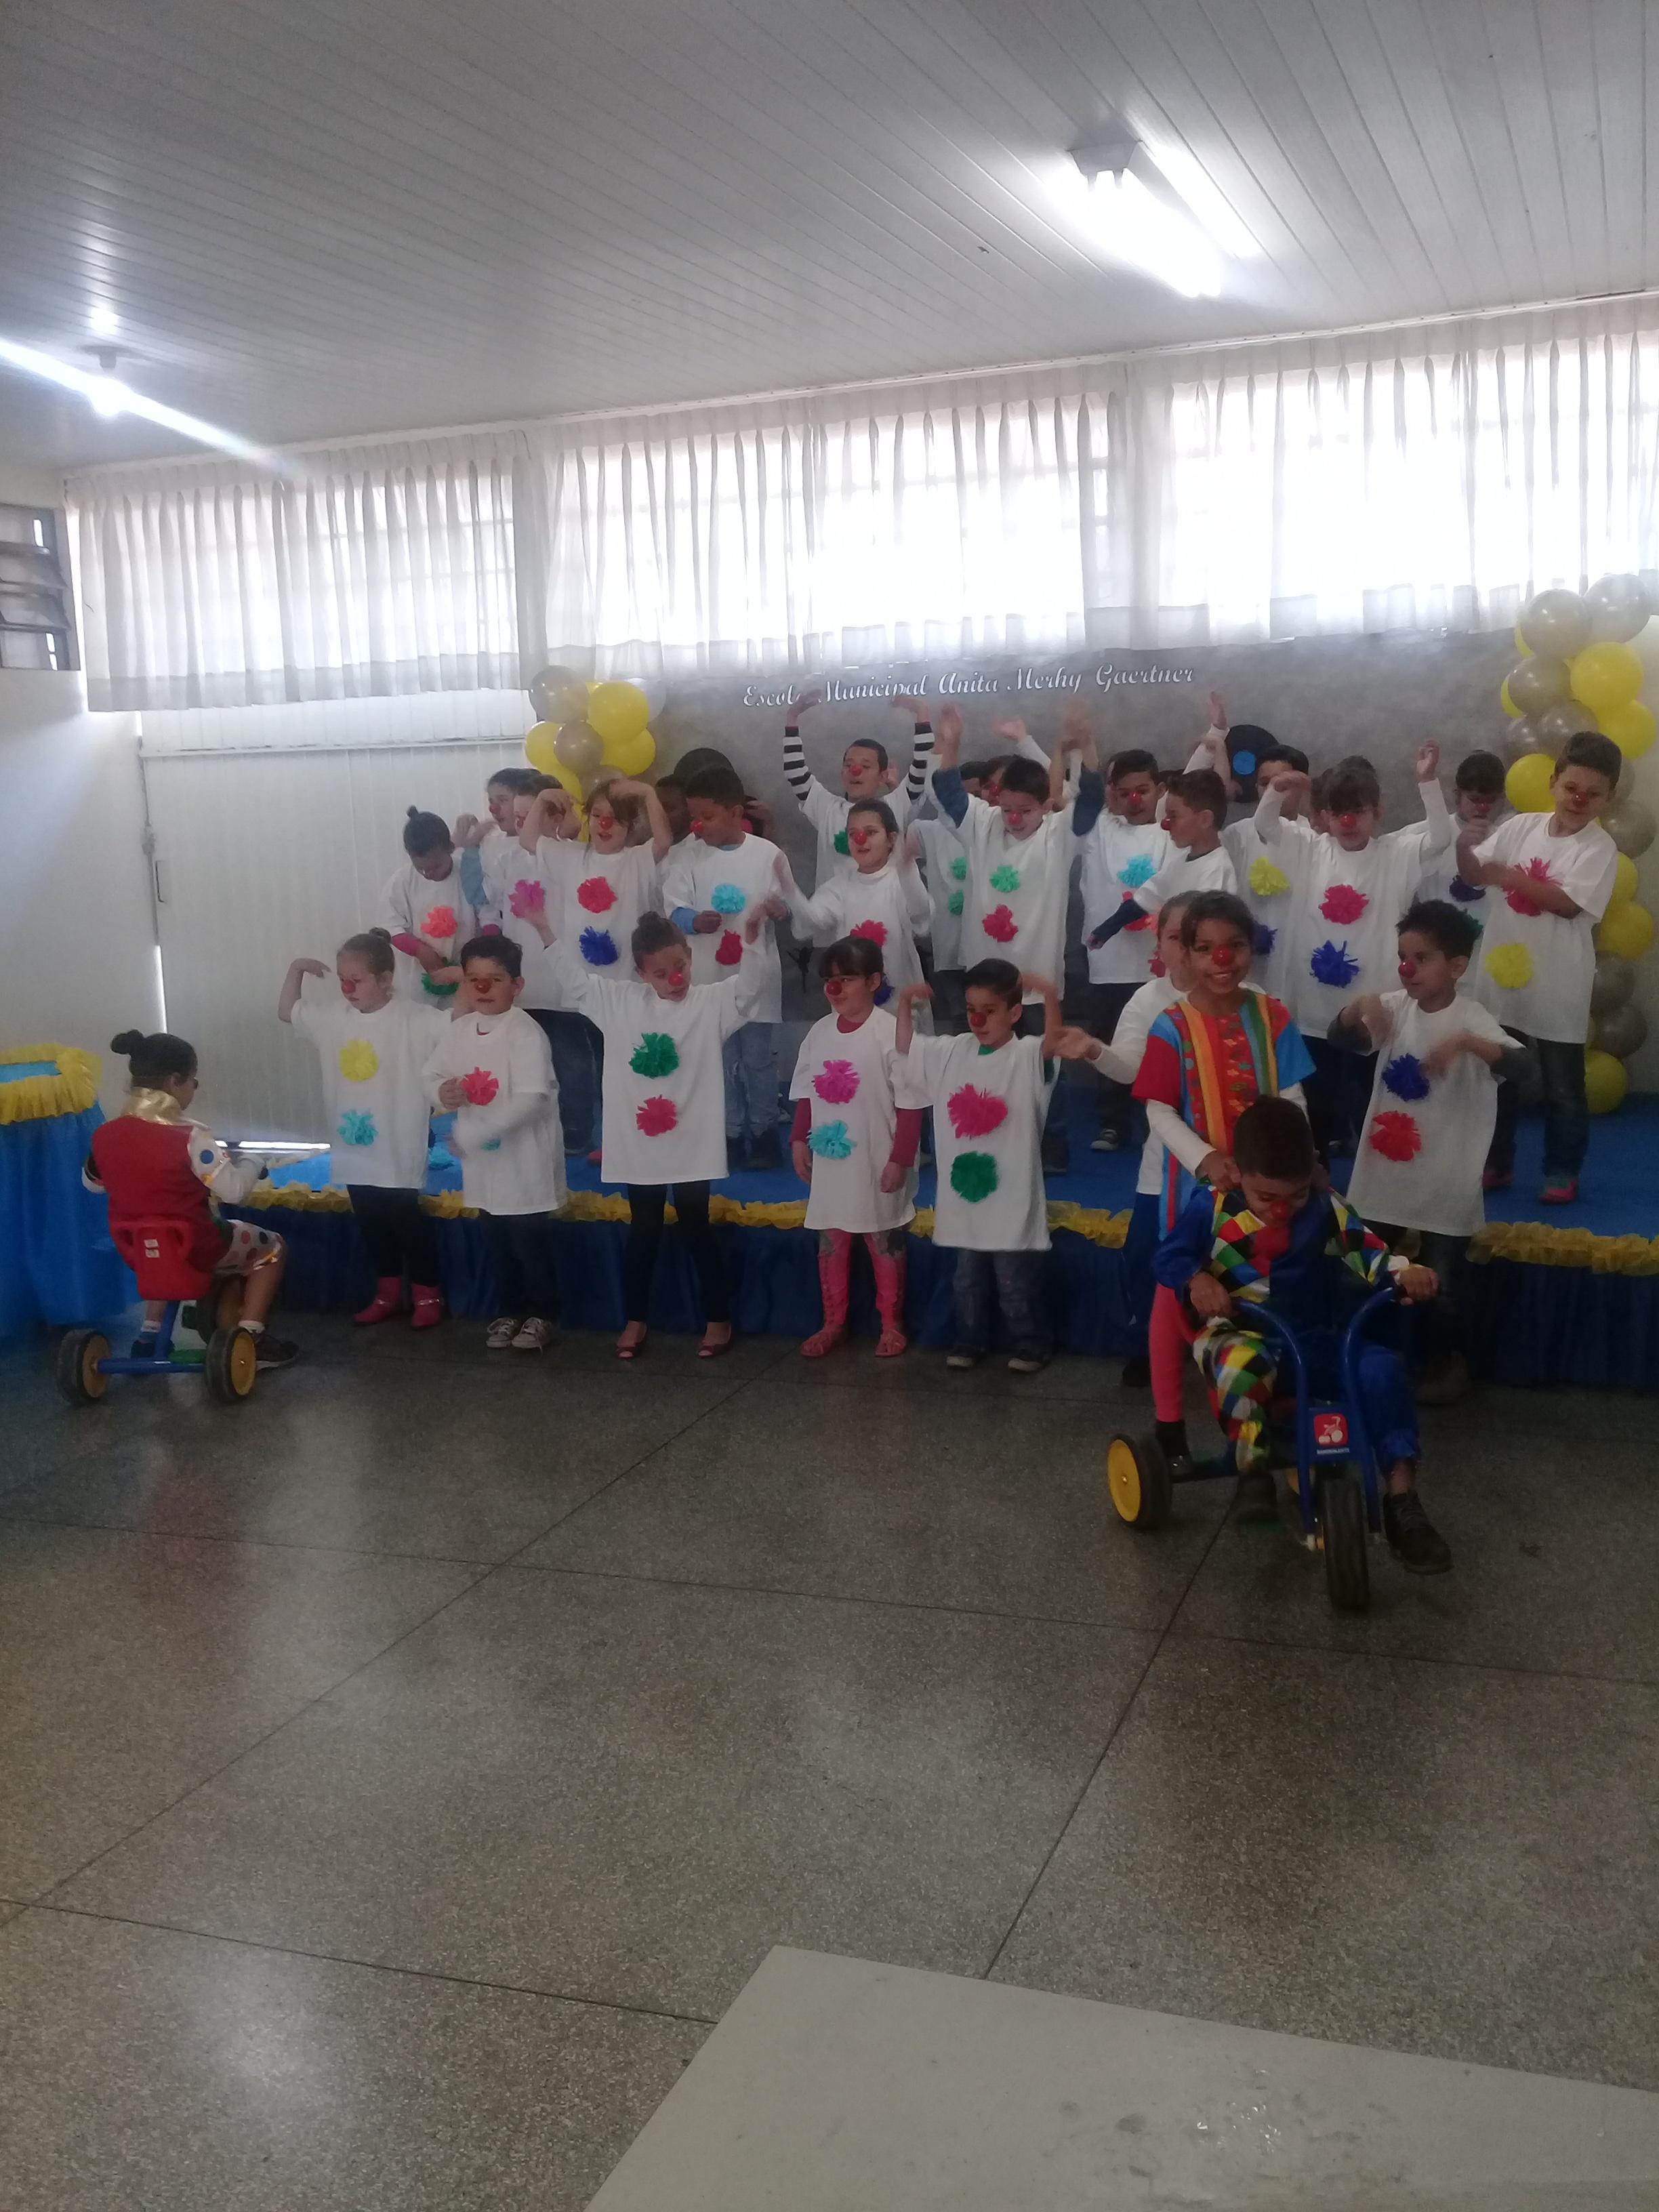 Aniversario da escola Anita